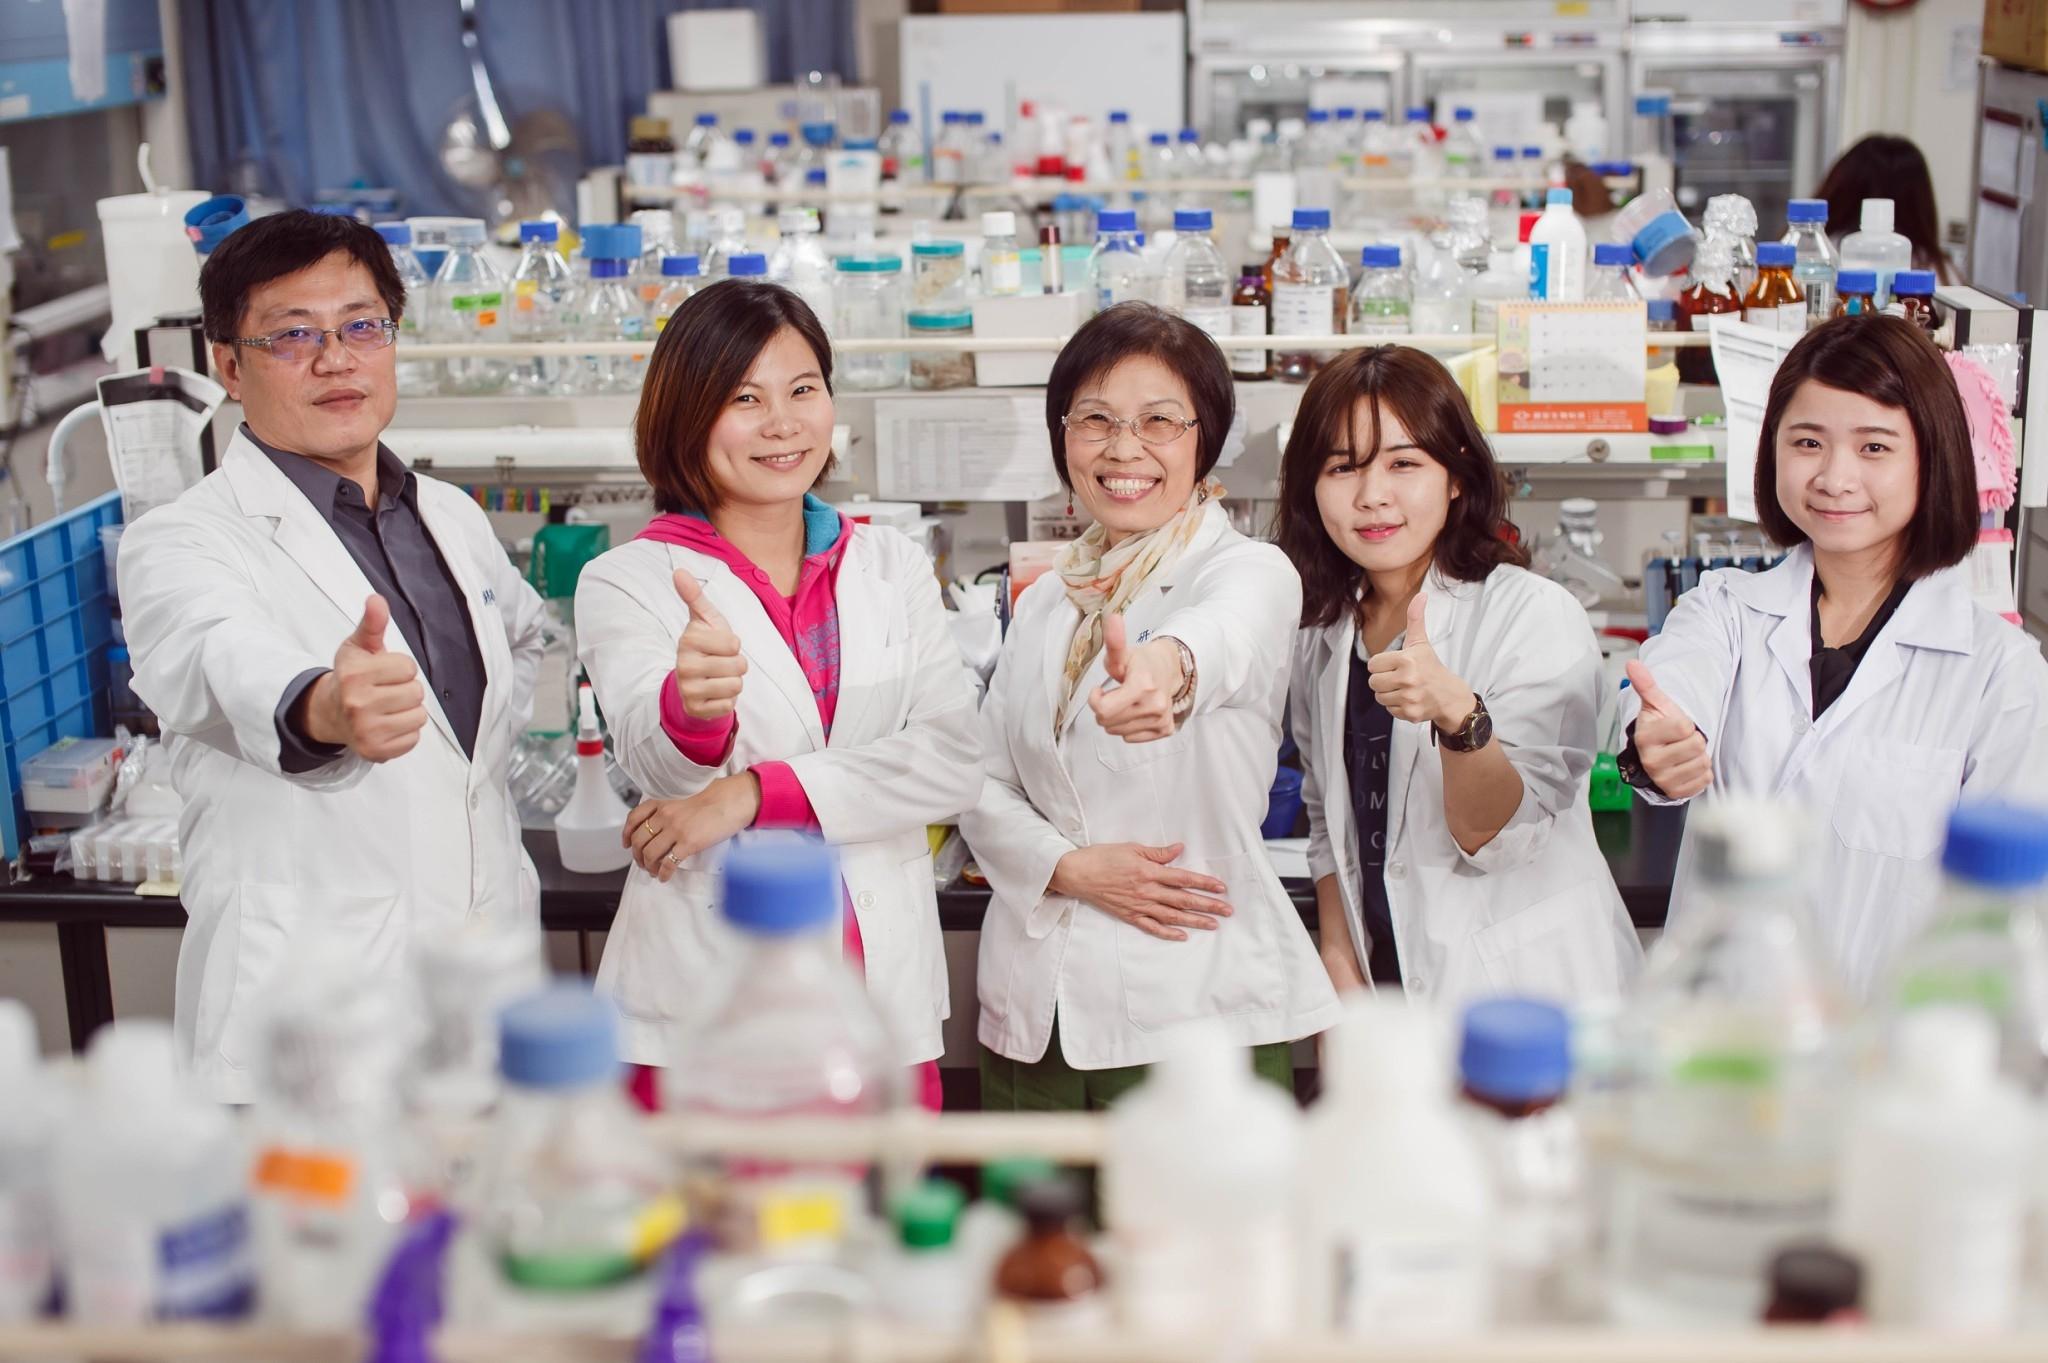 研發團隊-左起王耀賢博士 戴宜均博士 何美泠教授 黃珮詒 王曼薇